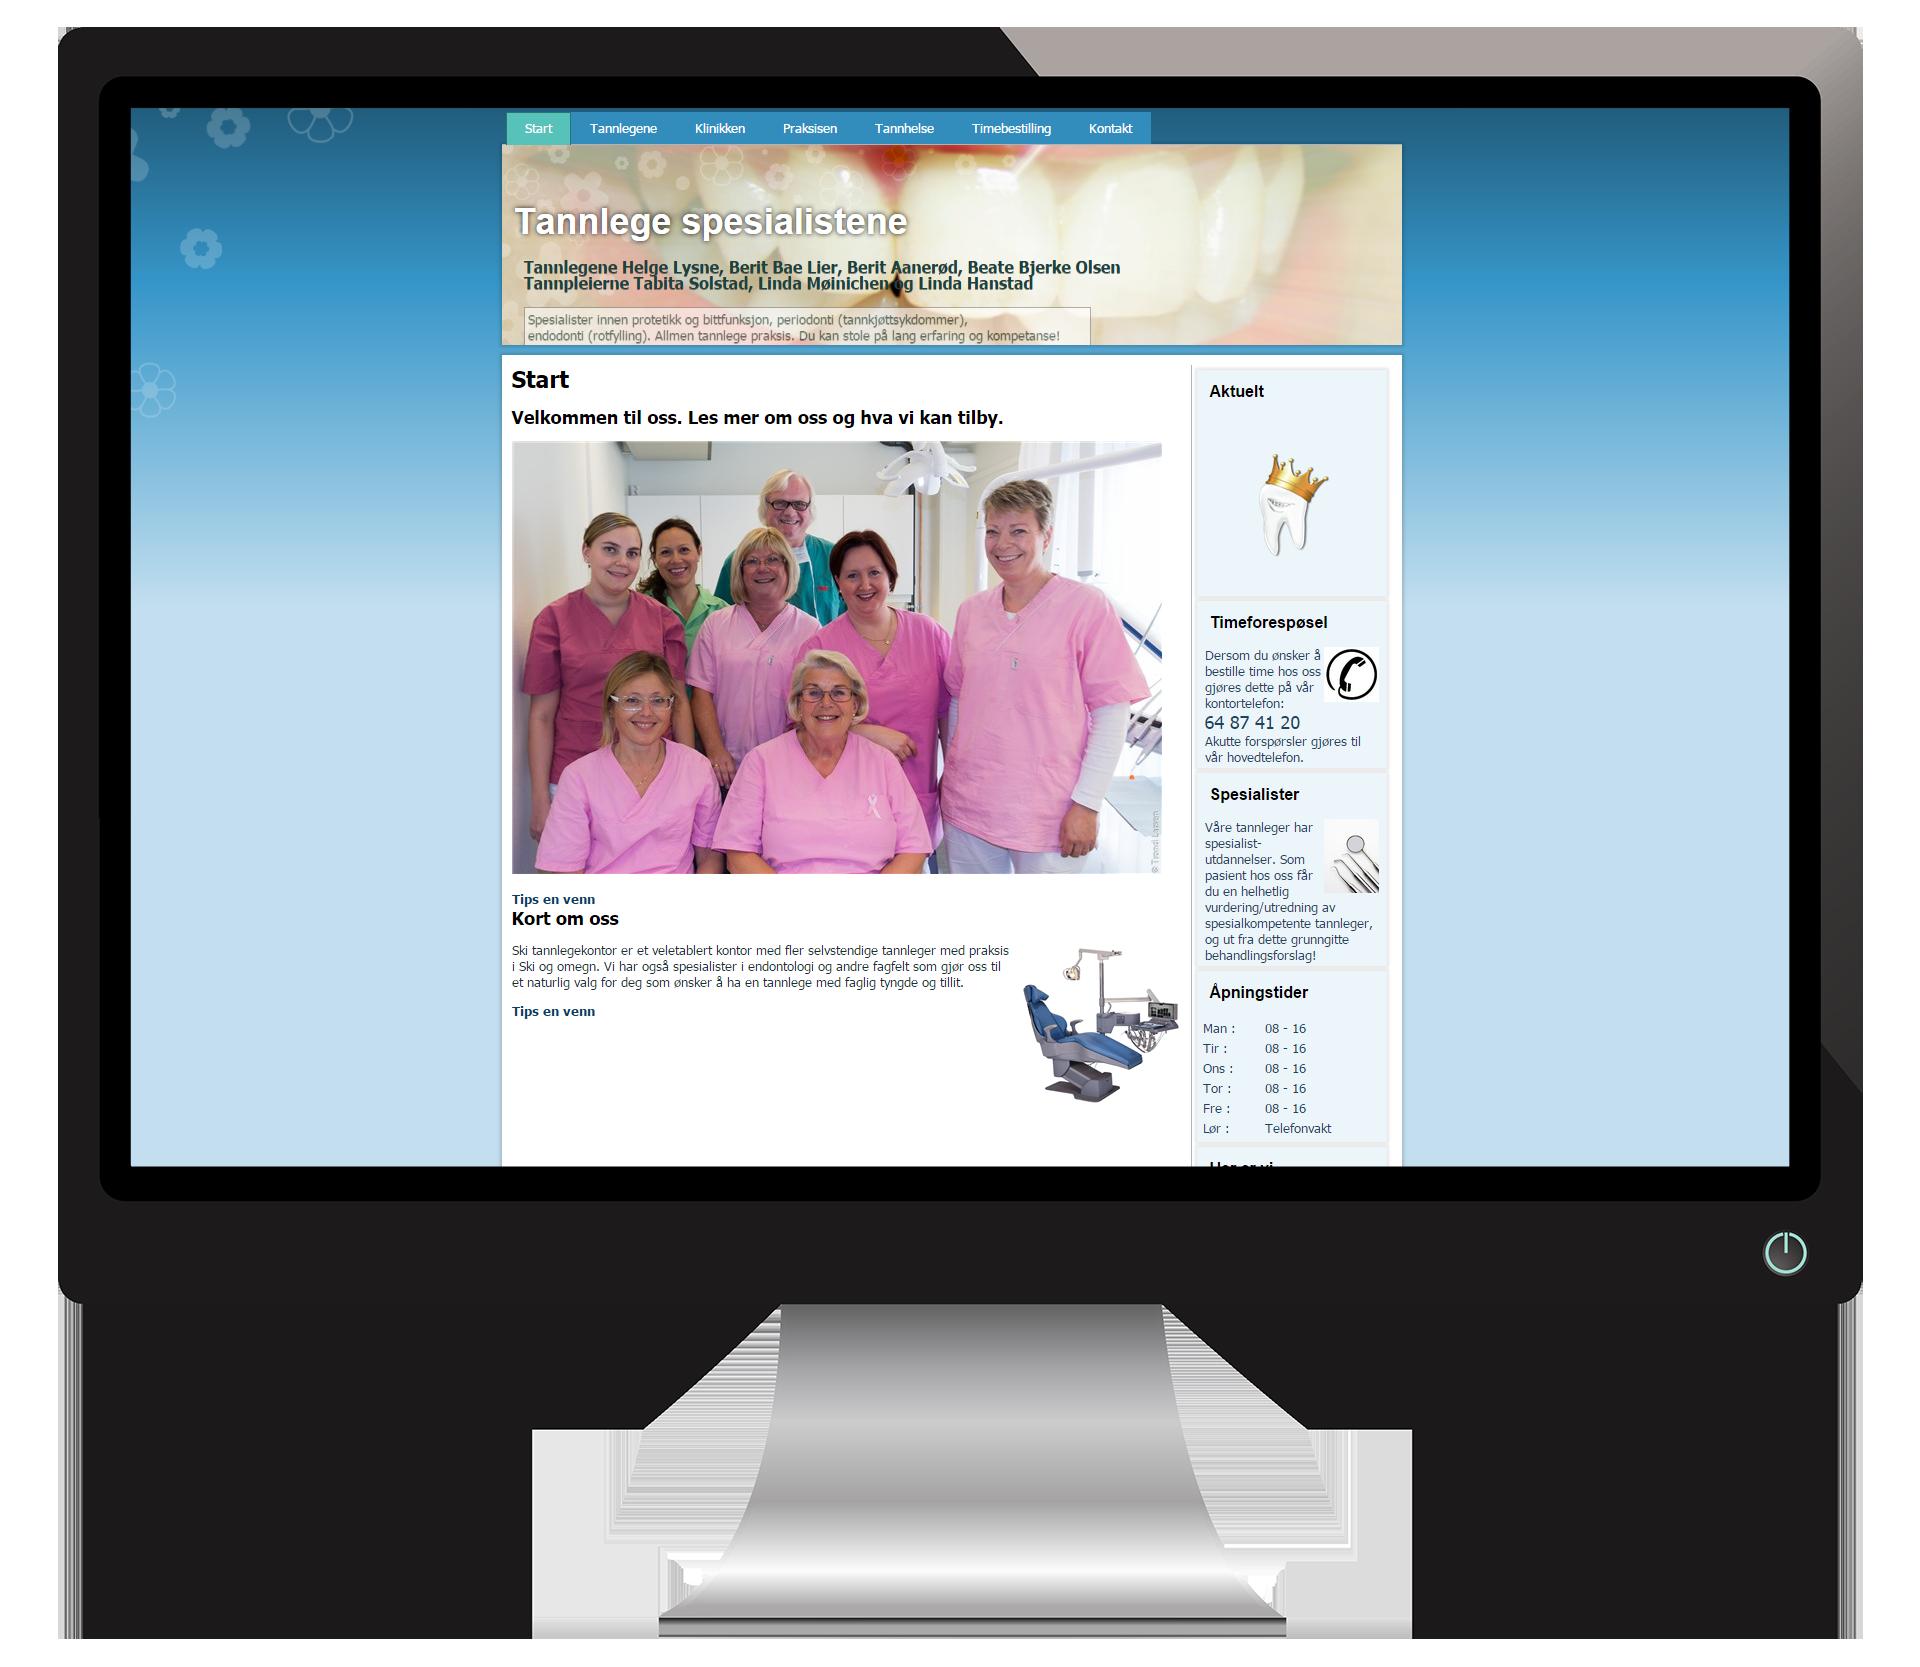 En pc-skjerm som viser nettsidene til SkiSpesialistTannklinikk